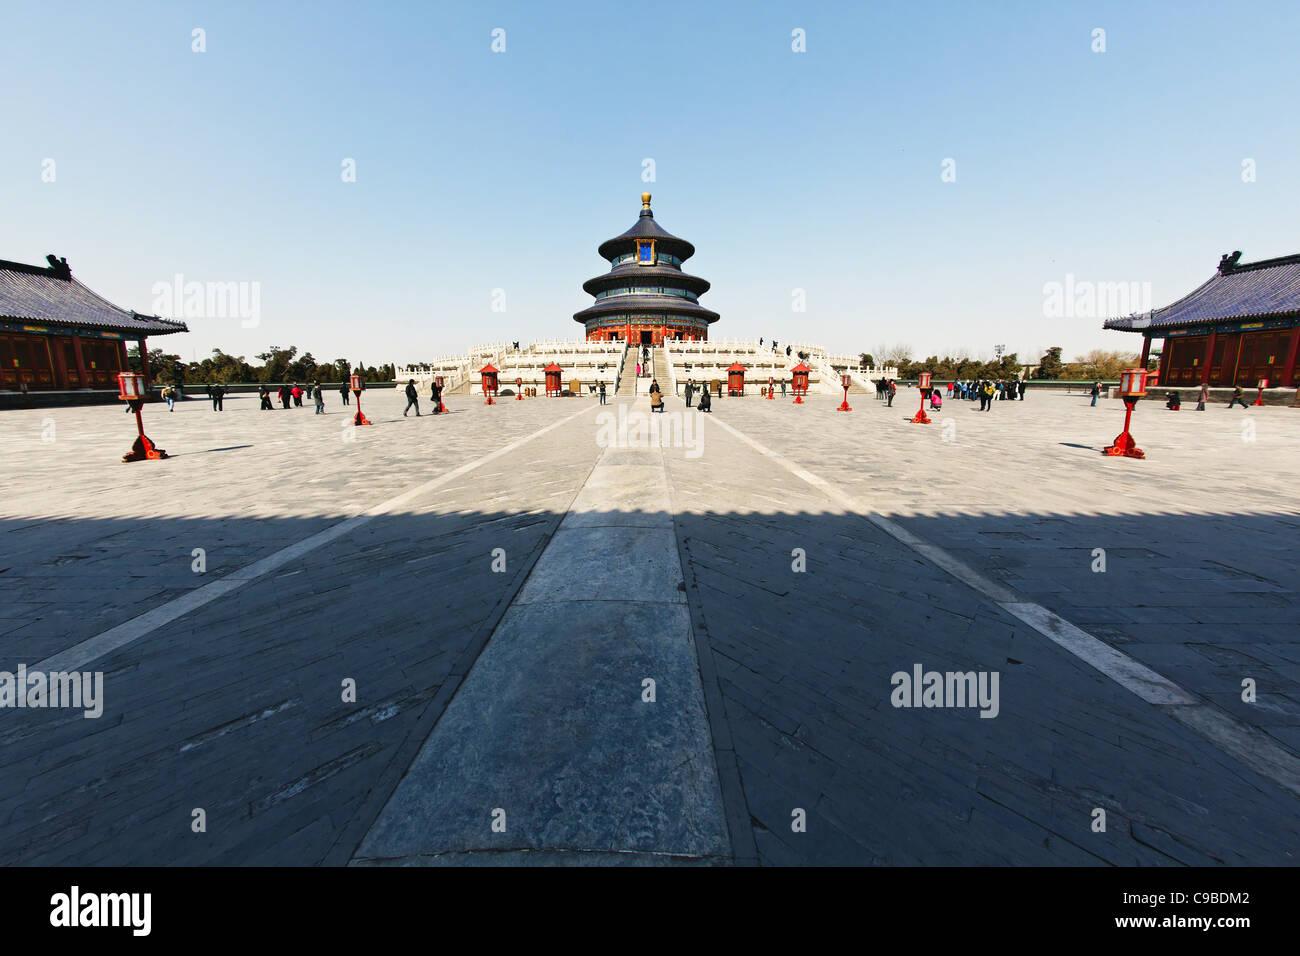 La place intérieure avec la salle de prière pour les bonnes récoltes , Temple du Ciel, Beijing, Chine Photo Stock